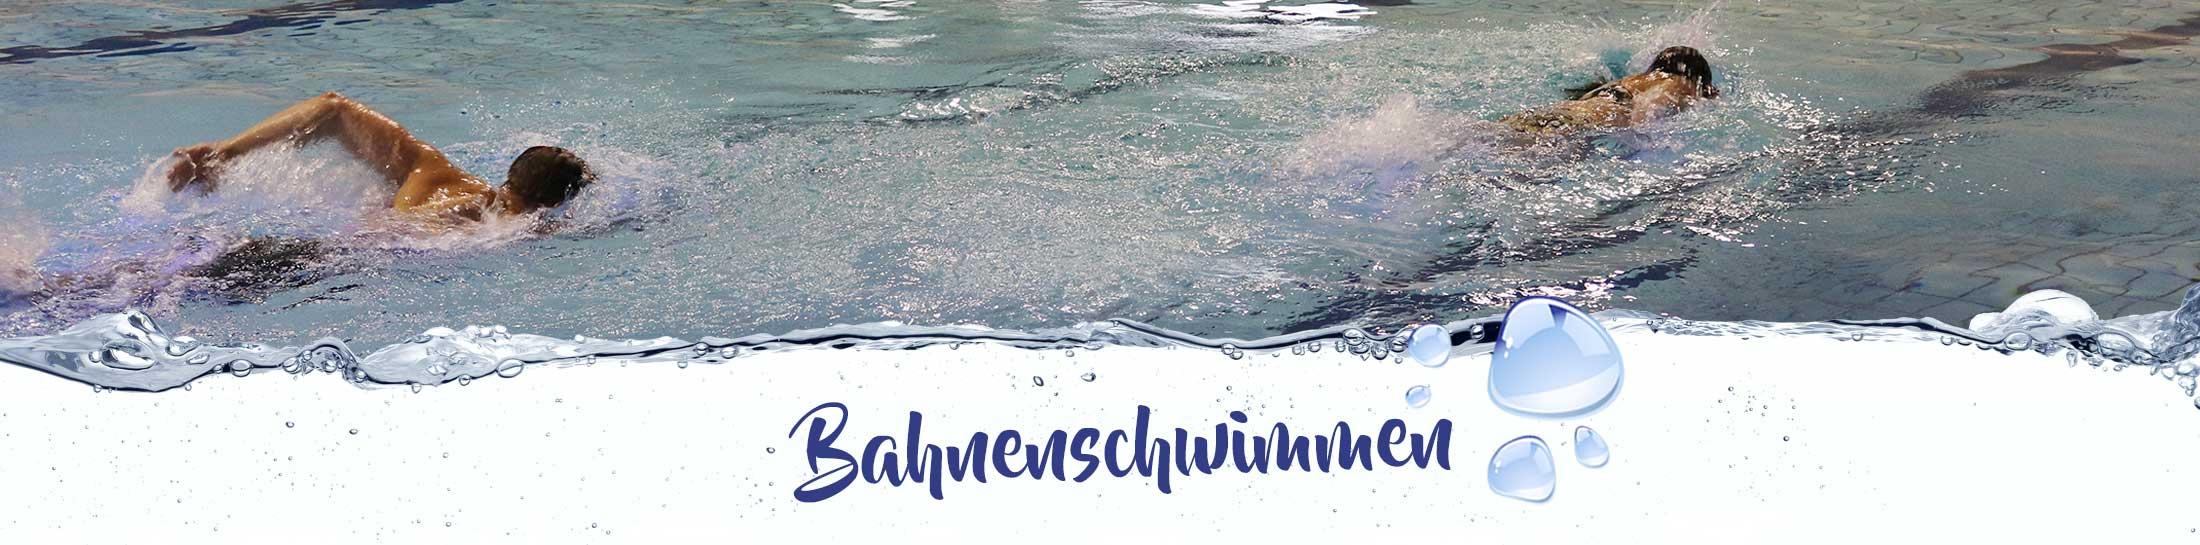 Bahnenschwimmen Swimfun Joure